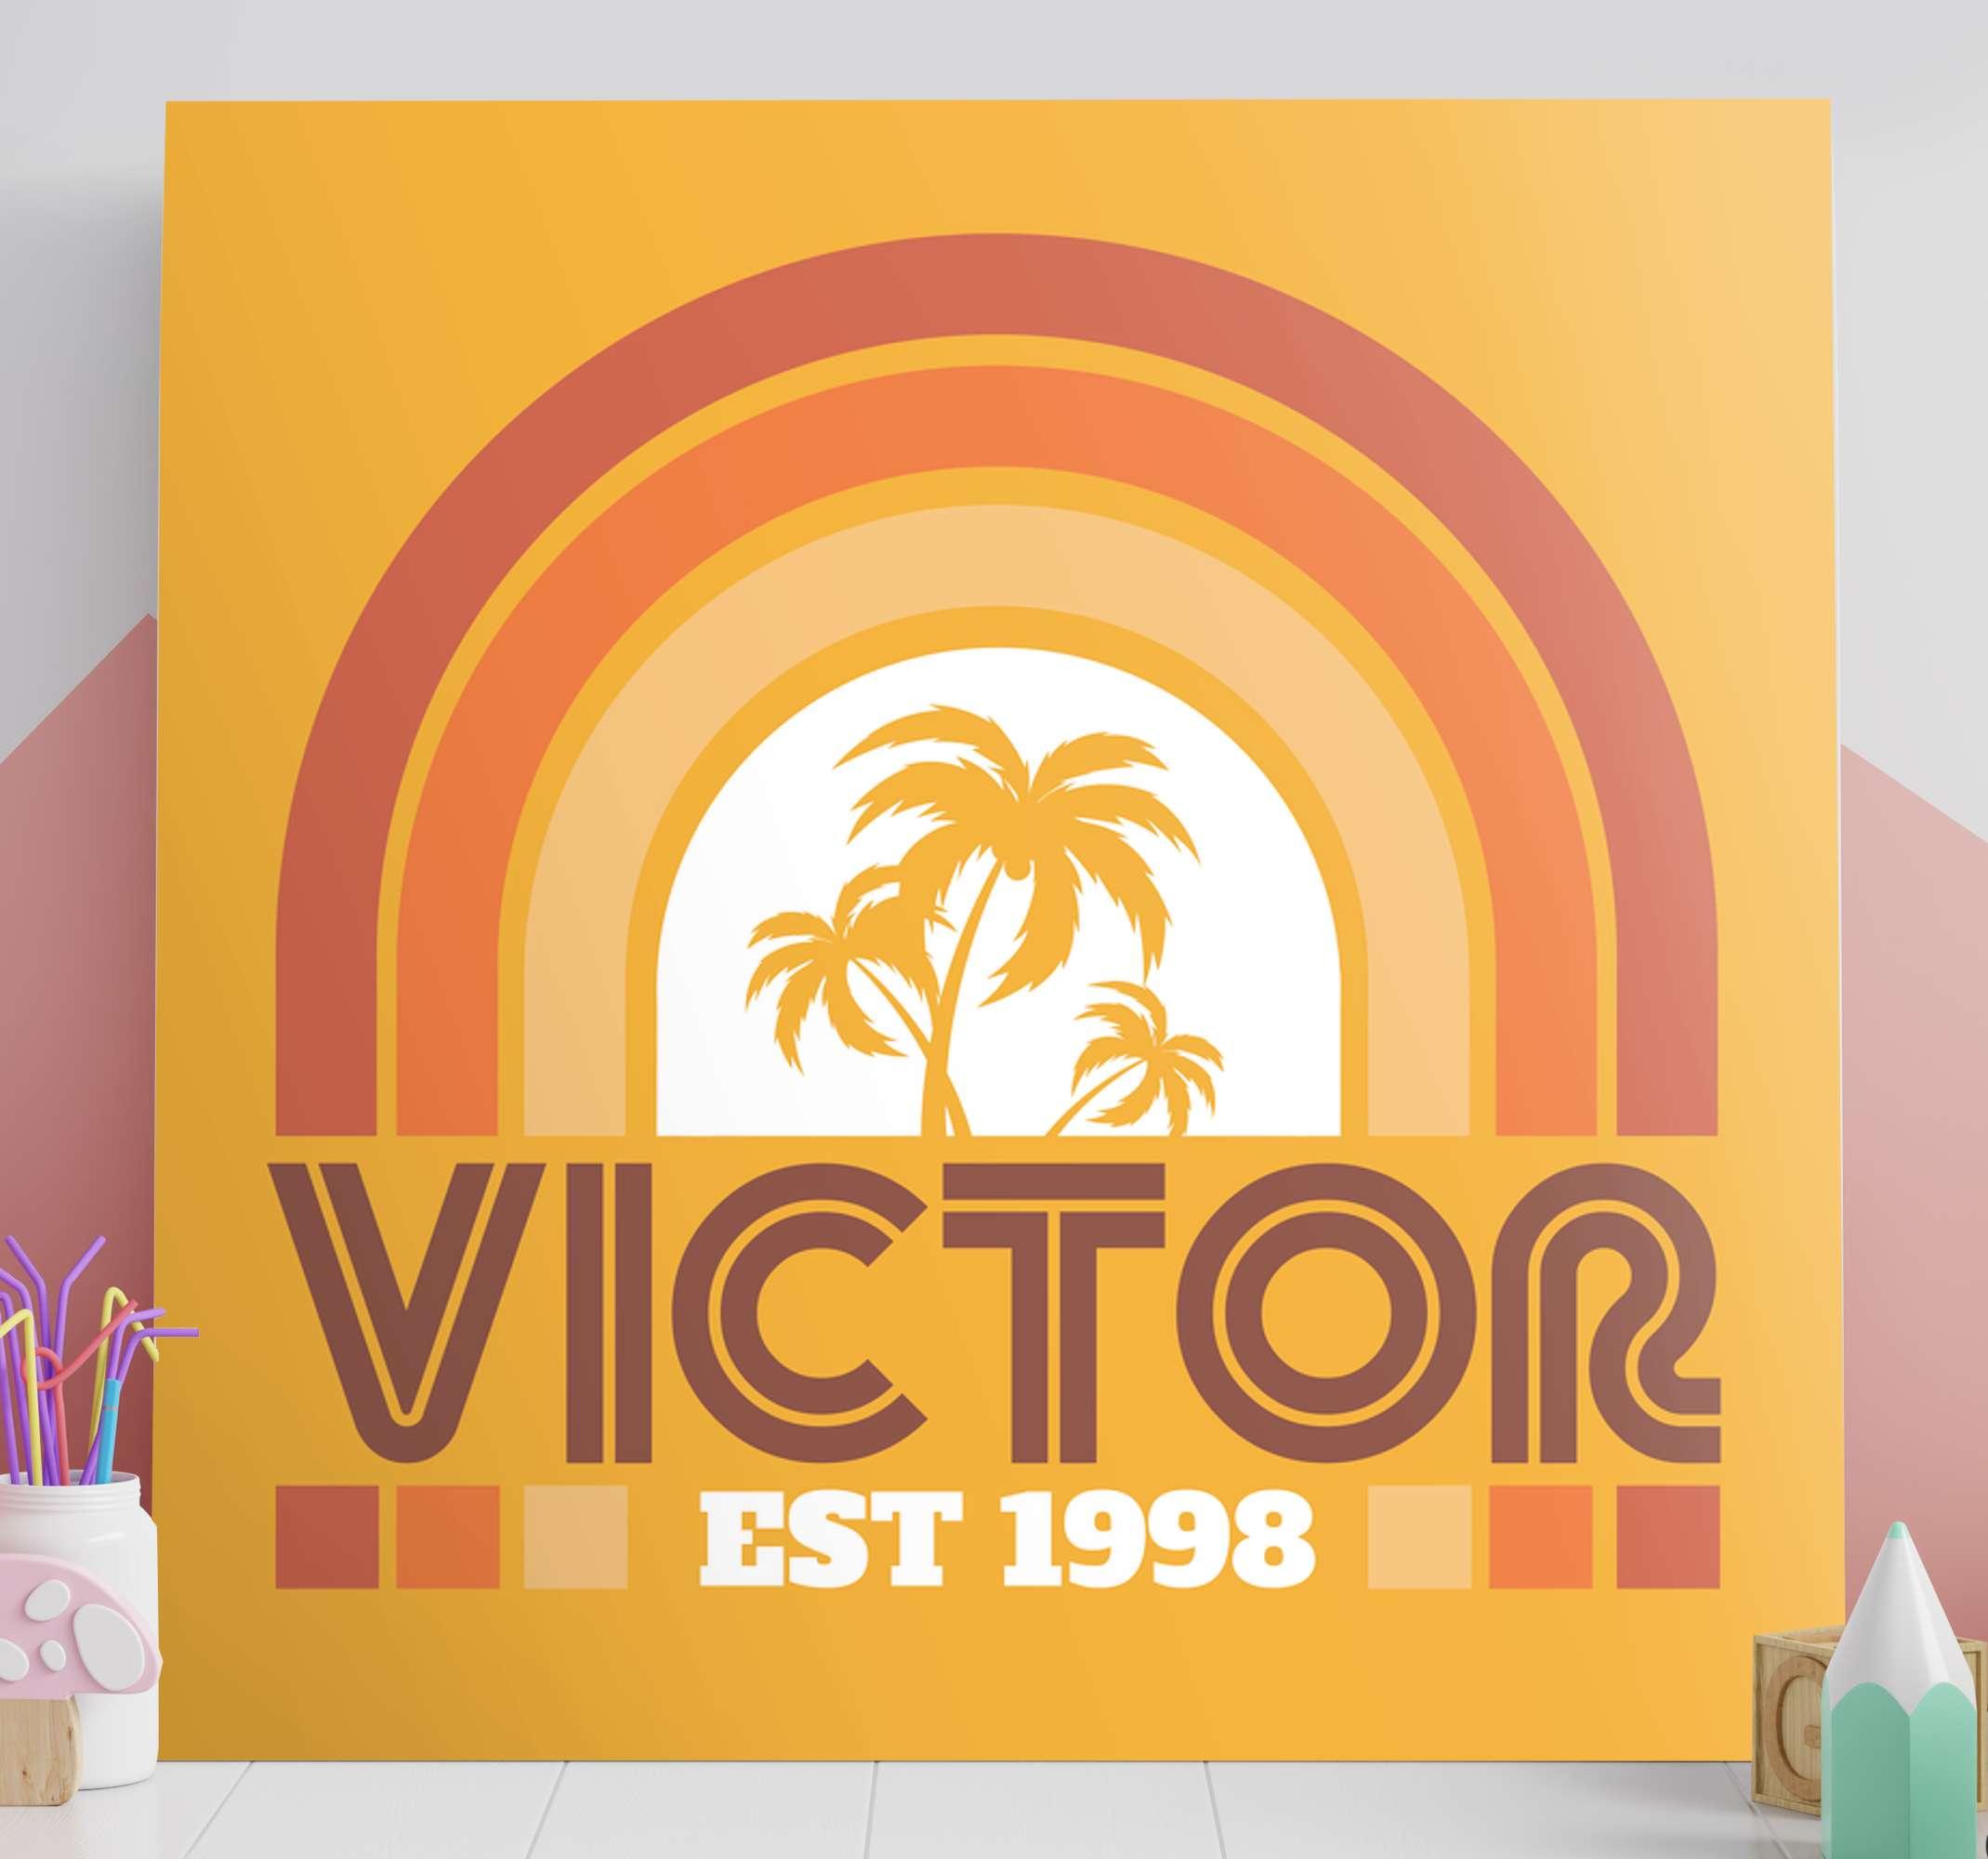 TenStickers. 复古日落和棕榈树70年代帆布墙艺术. 复古日落和棕榈树70年代的帆布版画。画布可以根据您自己的文本进行个性化设置,并且可以很好地装饰选择的任何空间。